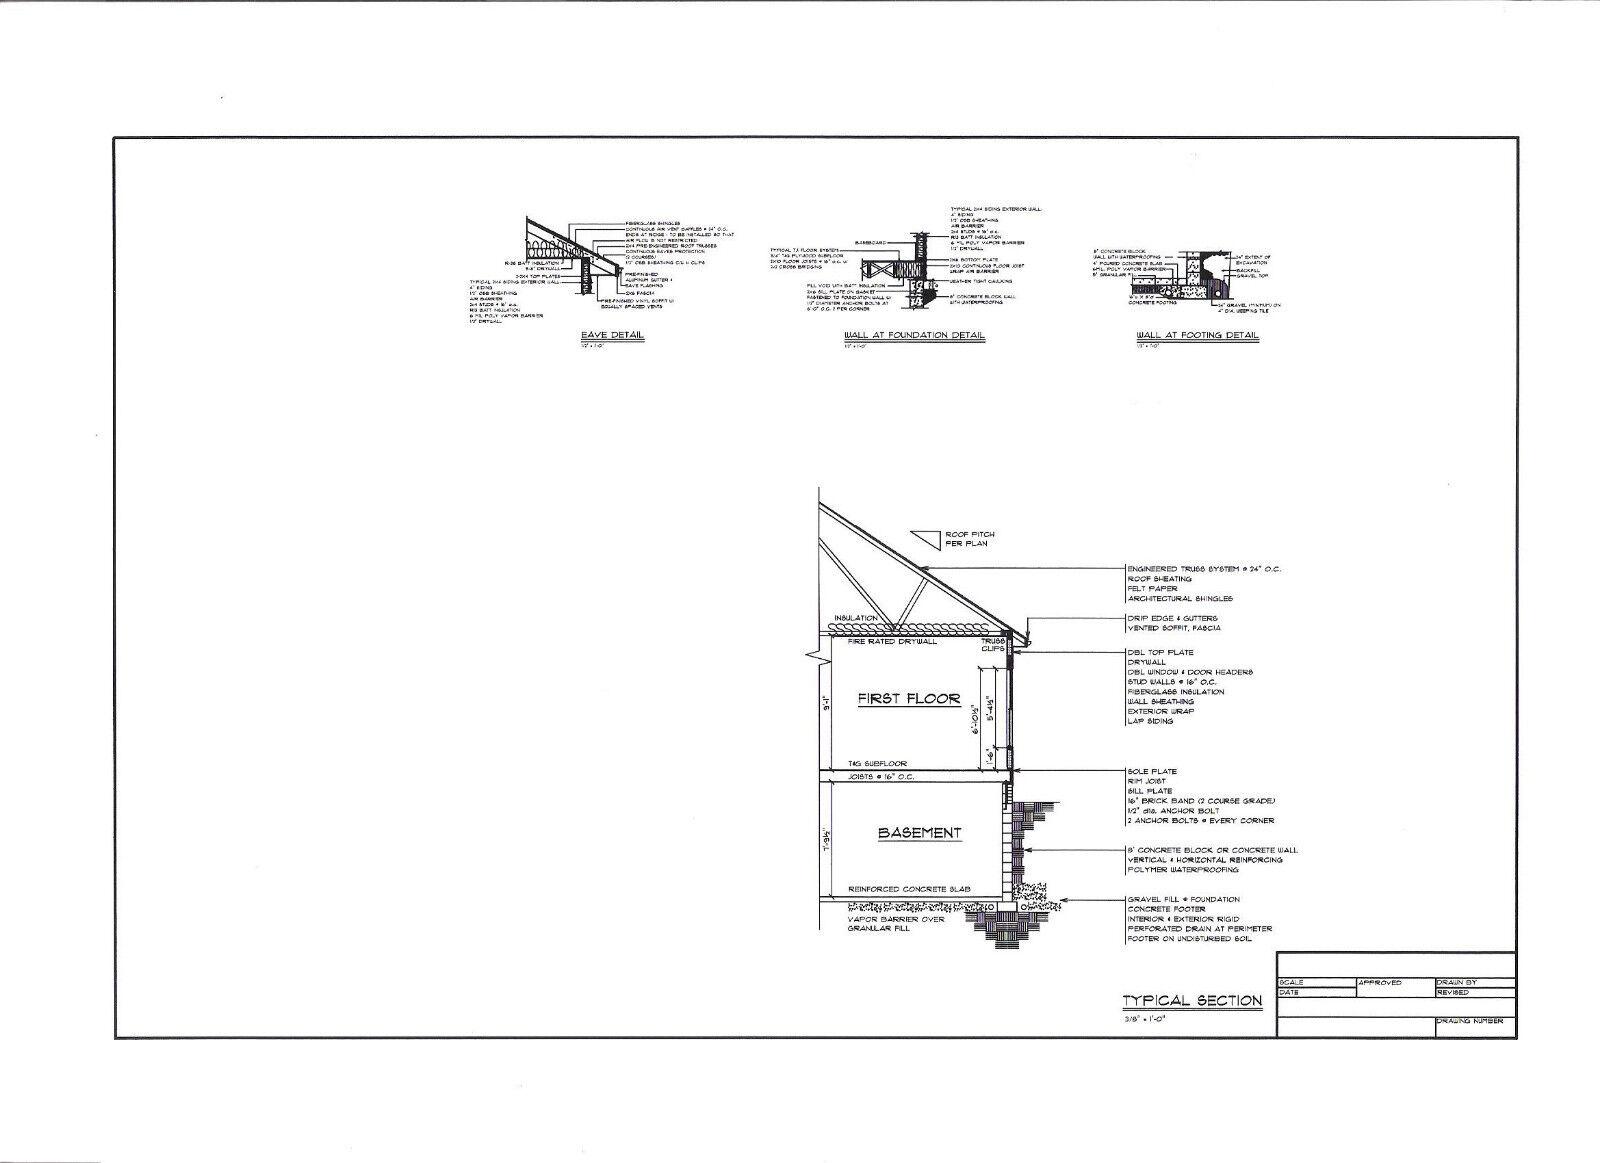 Full set of single story 3 bedroom house plans 2 145 sq ft for Full house house plan